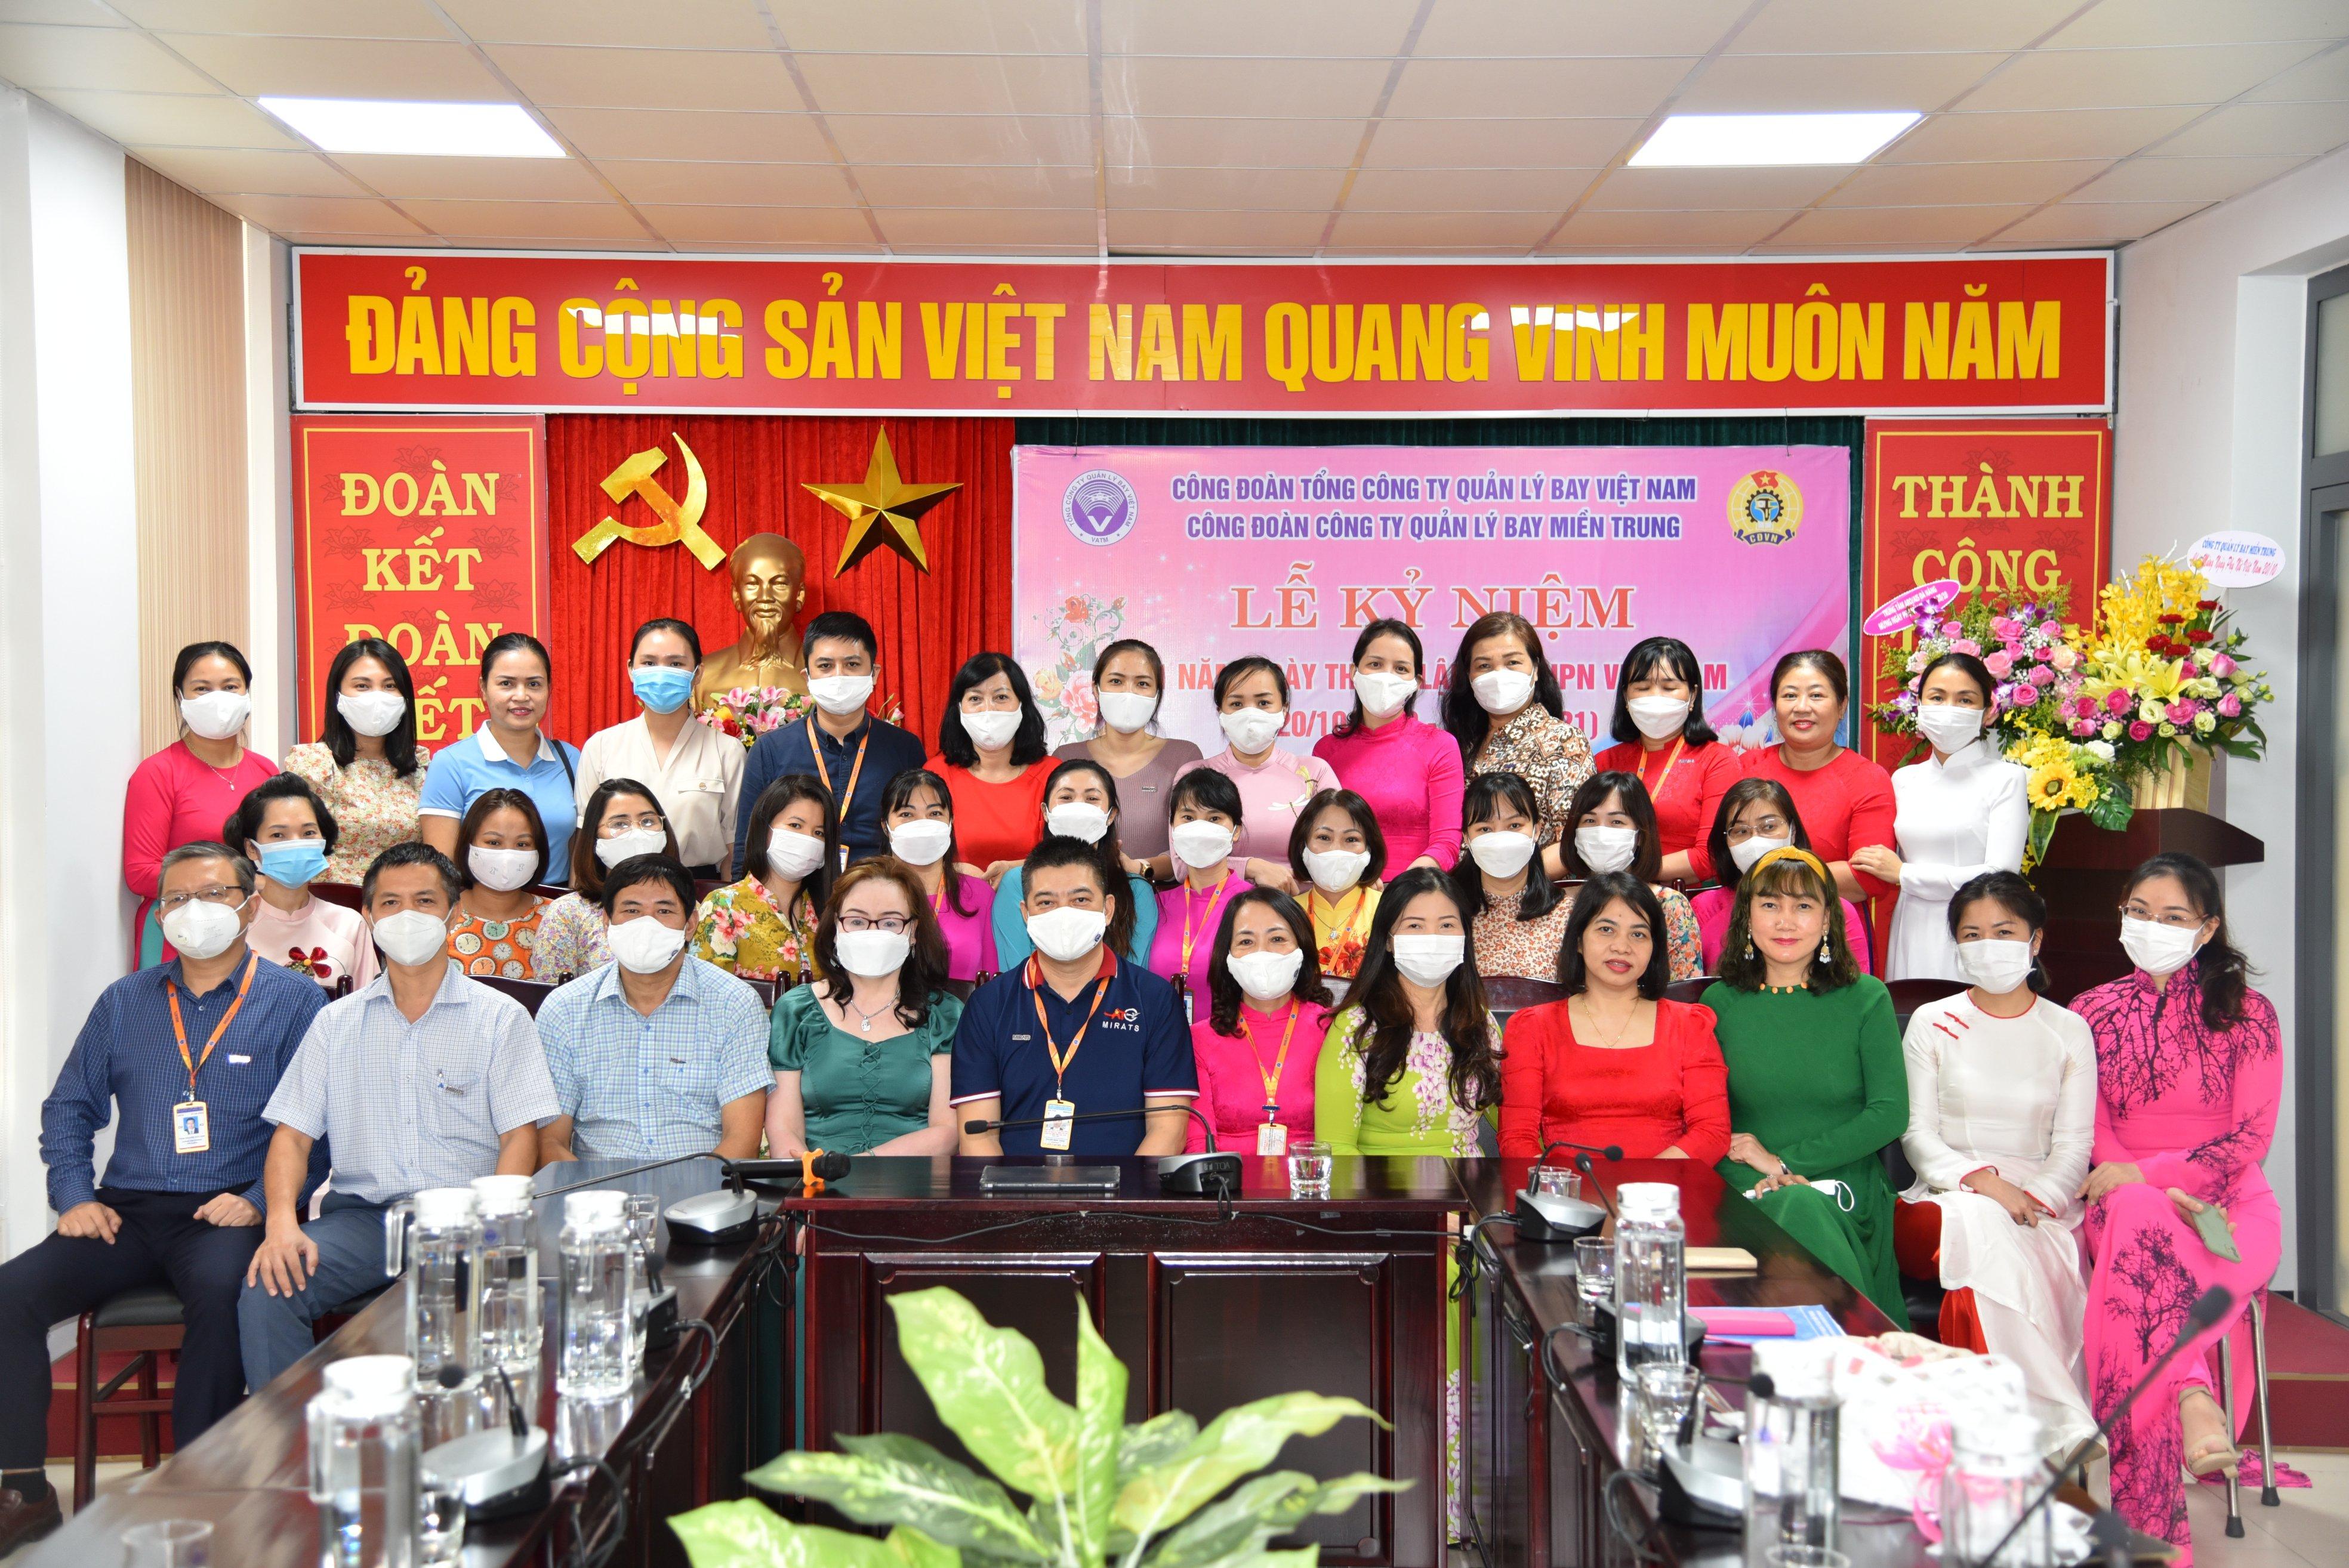 Chào mừng kỷ niệm 91 năm Ngày thành lập Hội LHPN Việt Nam tại Công ty Quản lý bay miền Trung